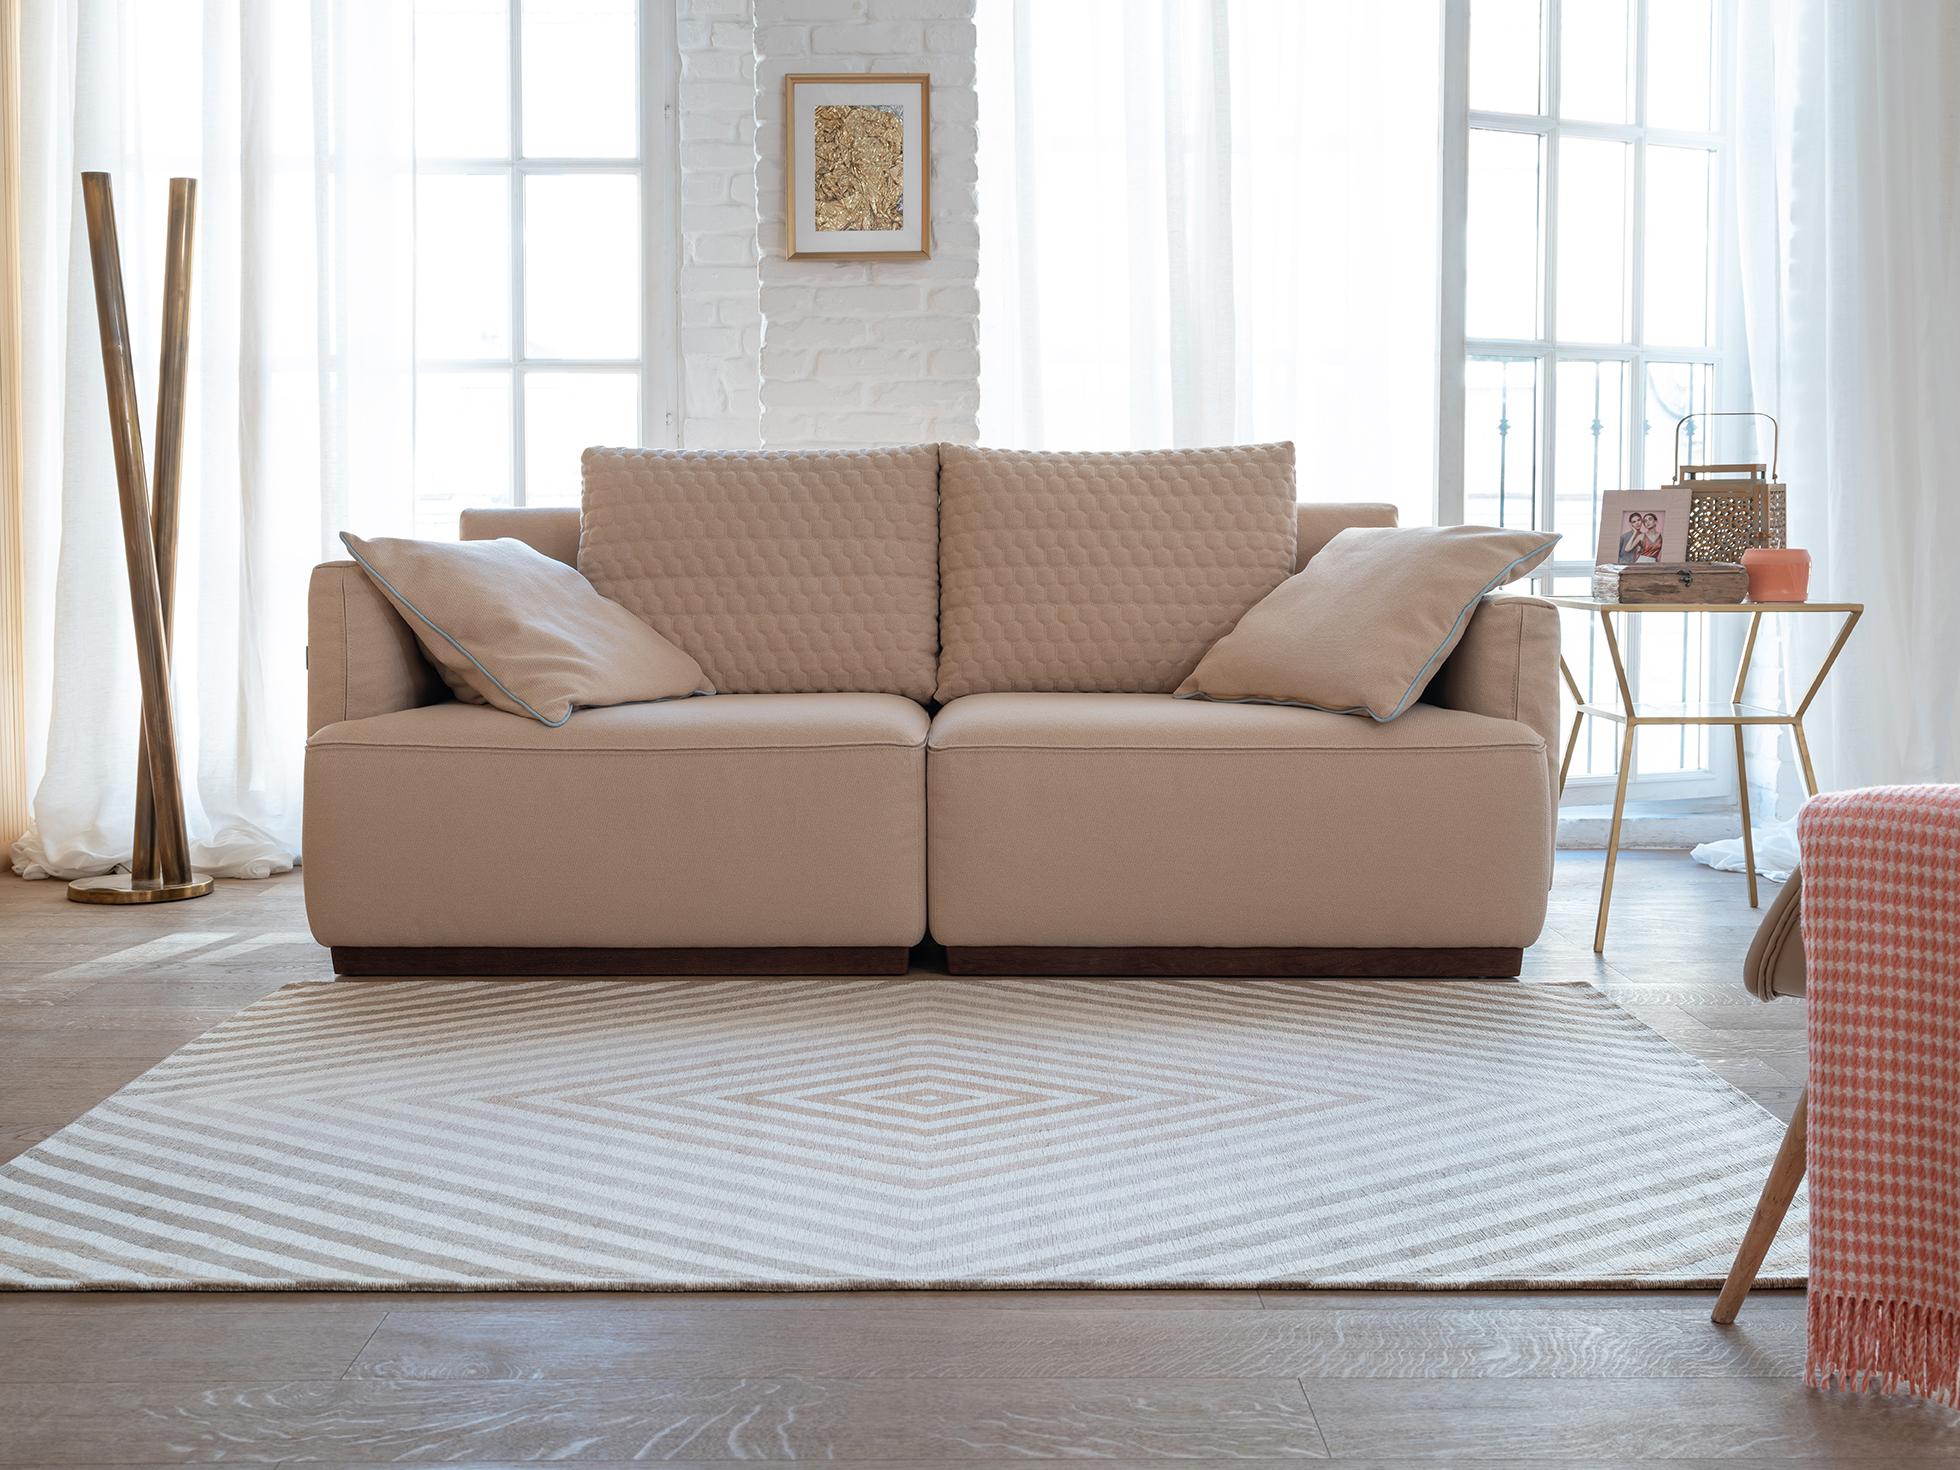 Модульный диван Клермон, фото 2